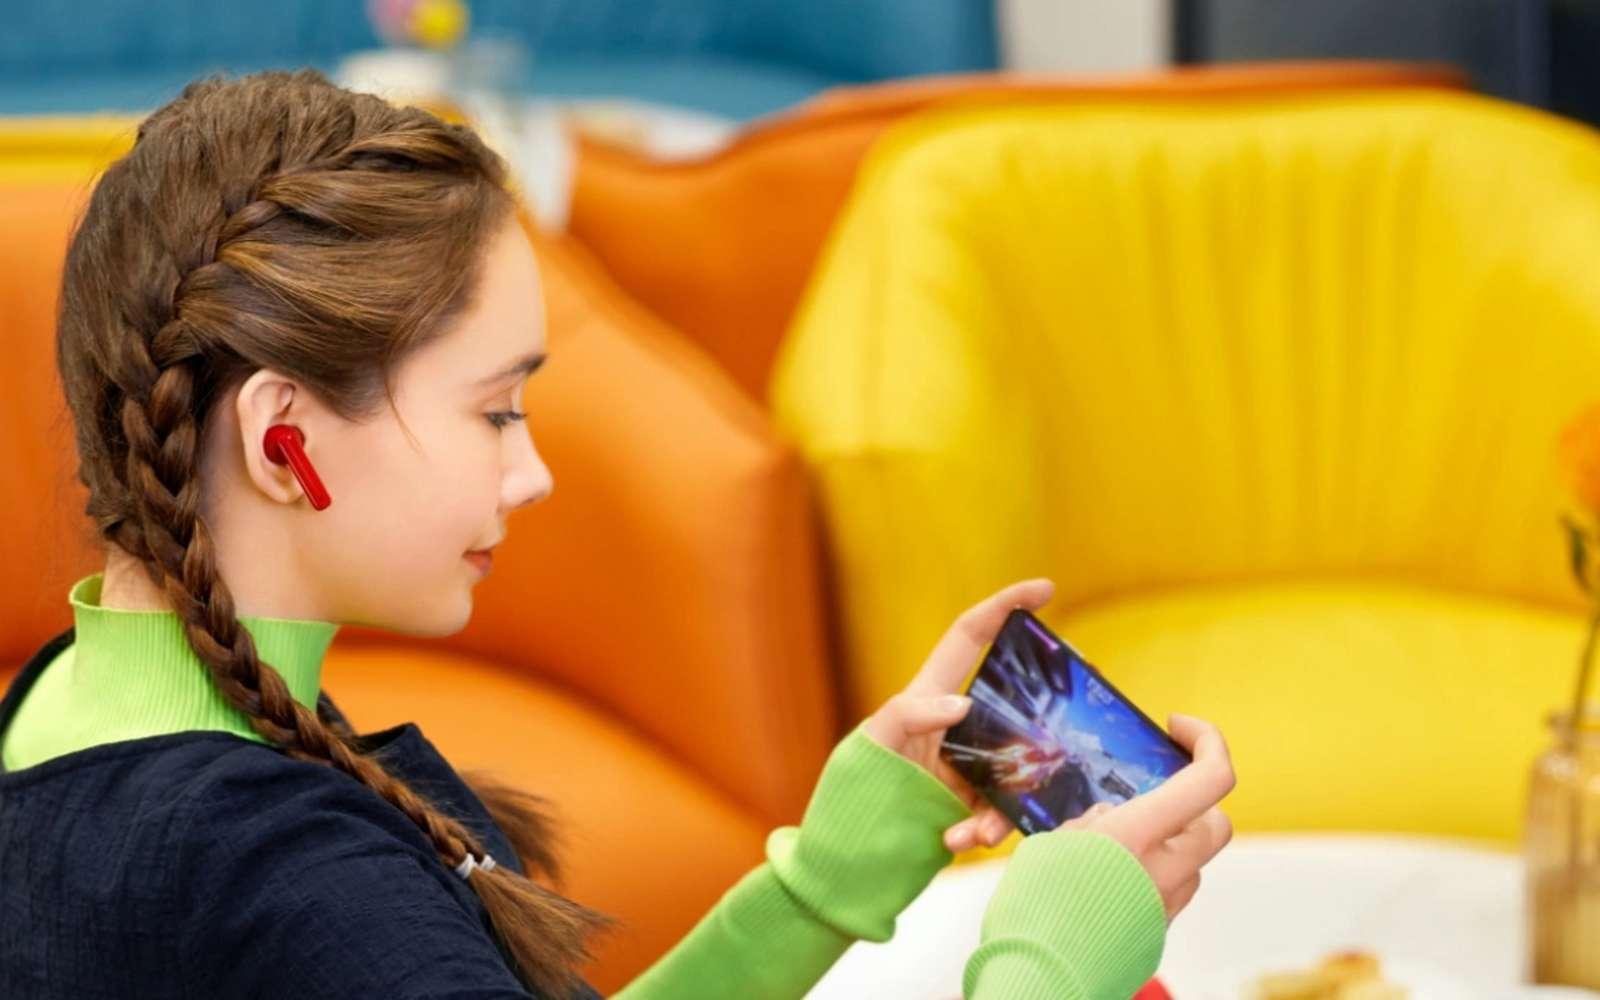 Les FreeBuds 4i de Huawei sont disponibles en trois coloris, avec un rouge que l'on ne retrouve pas dans les autres marques. © Futura